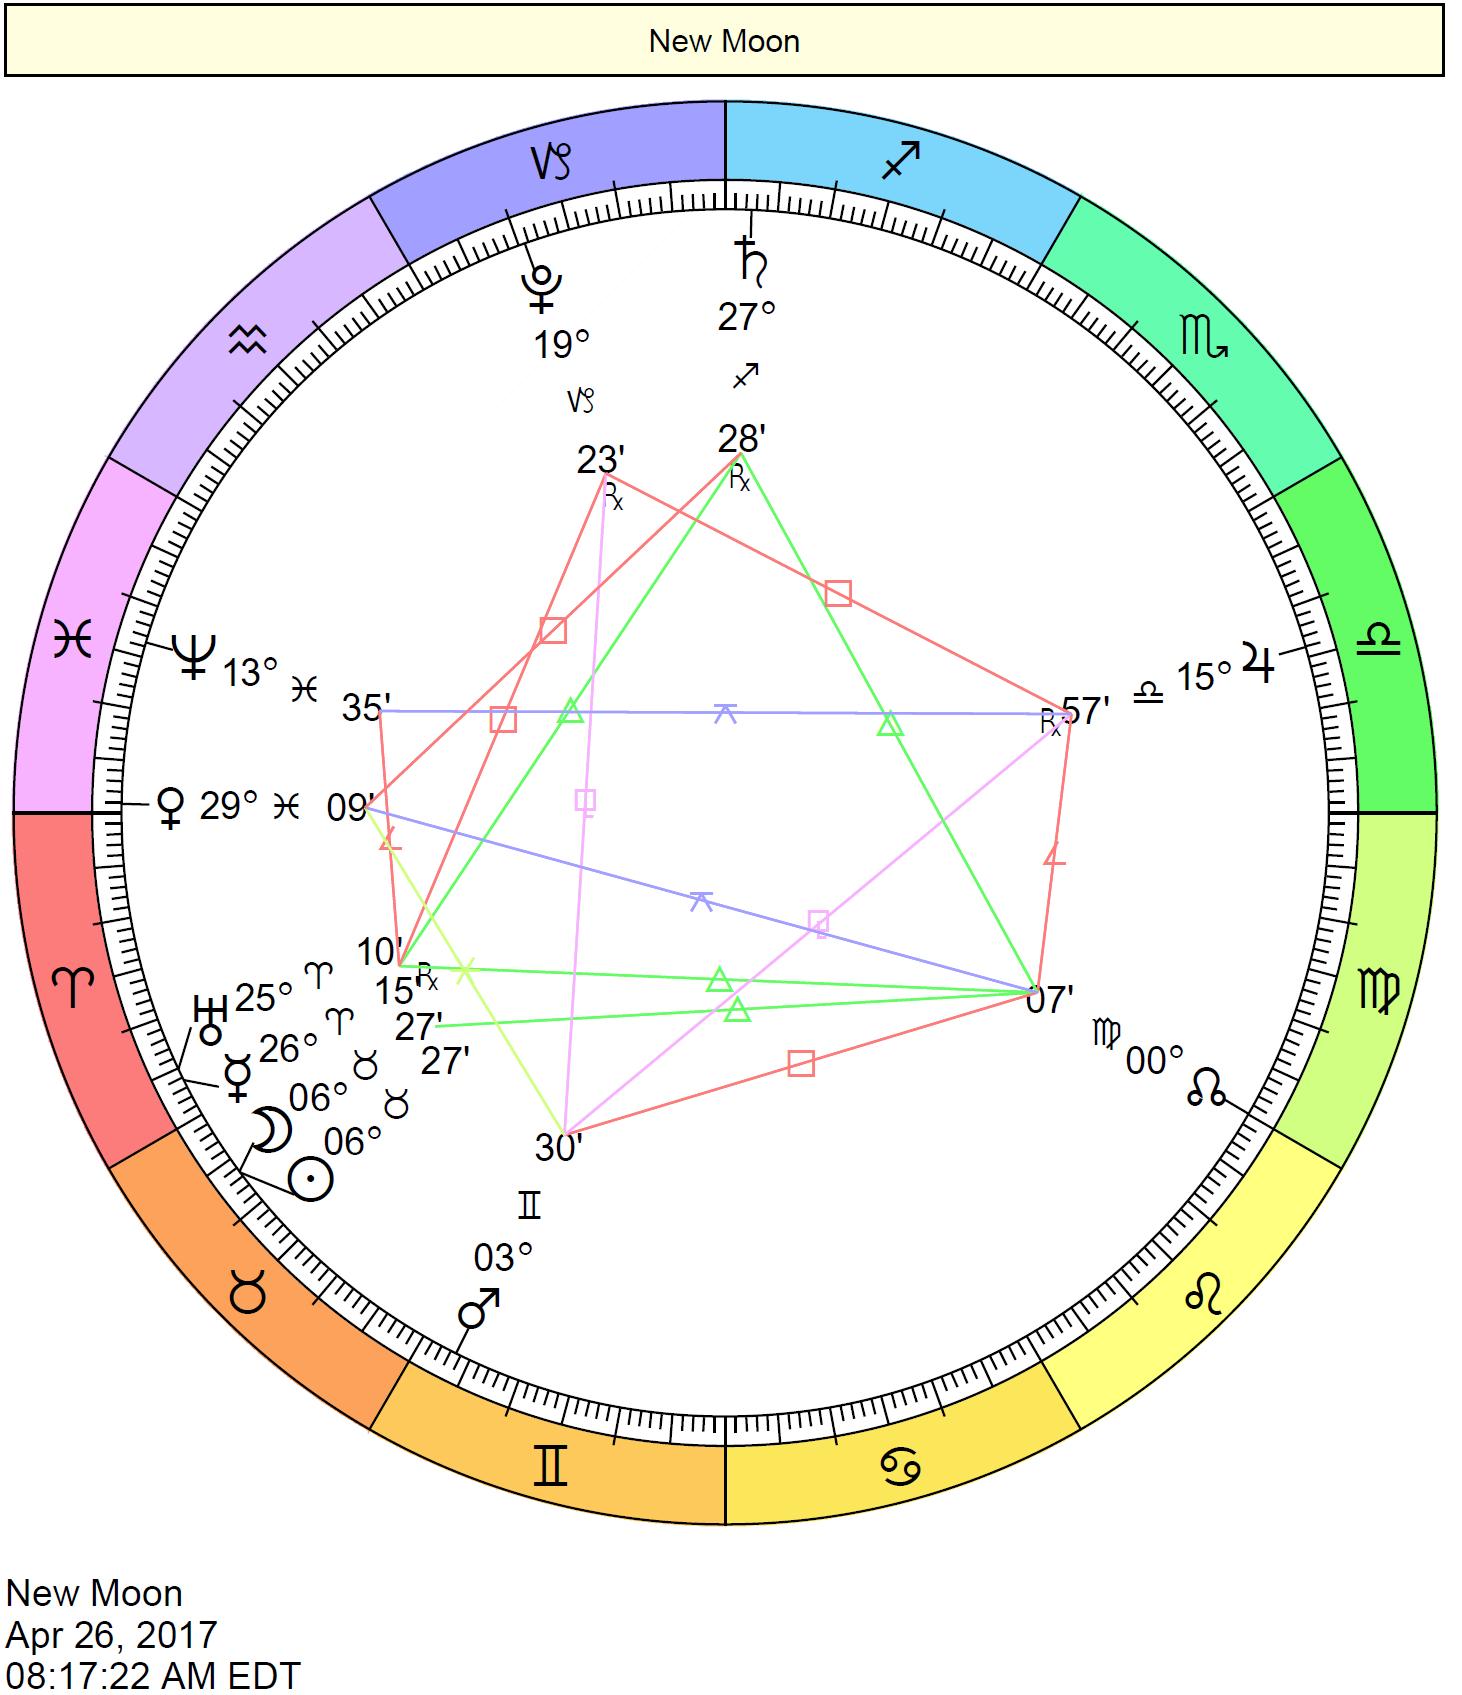 New Moon in Taurus Chart - April 26, 2017